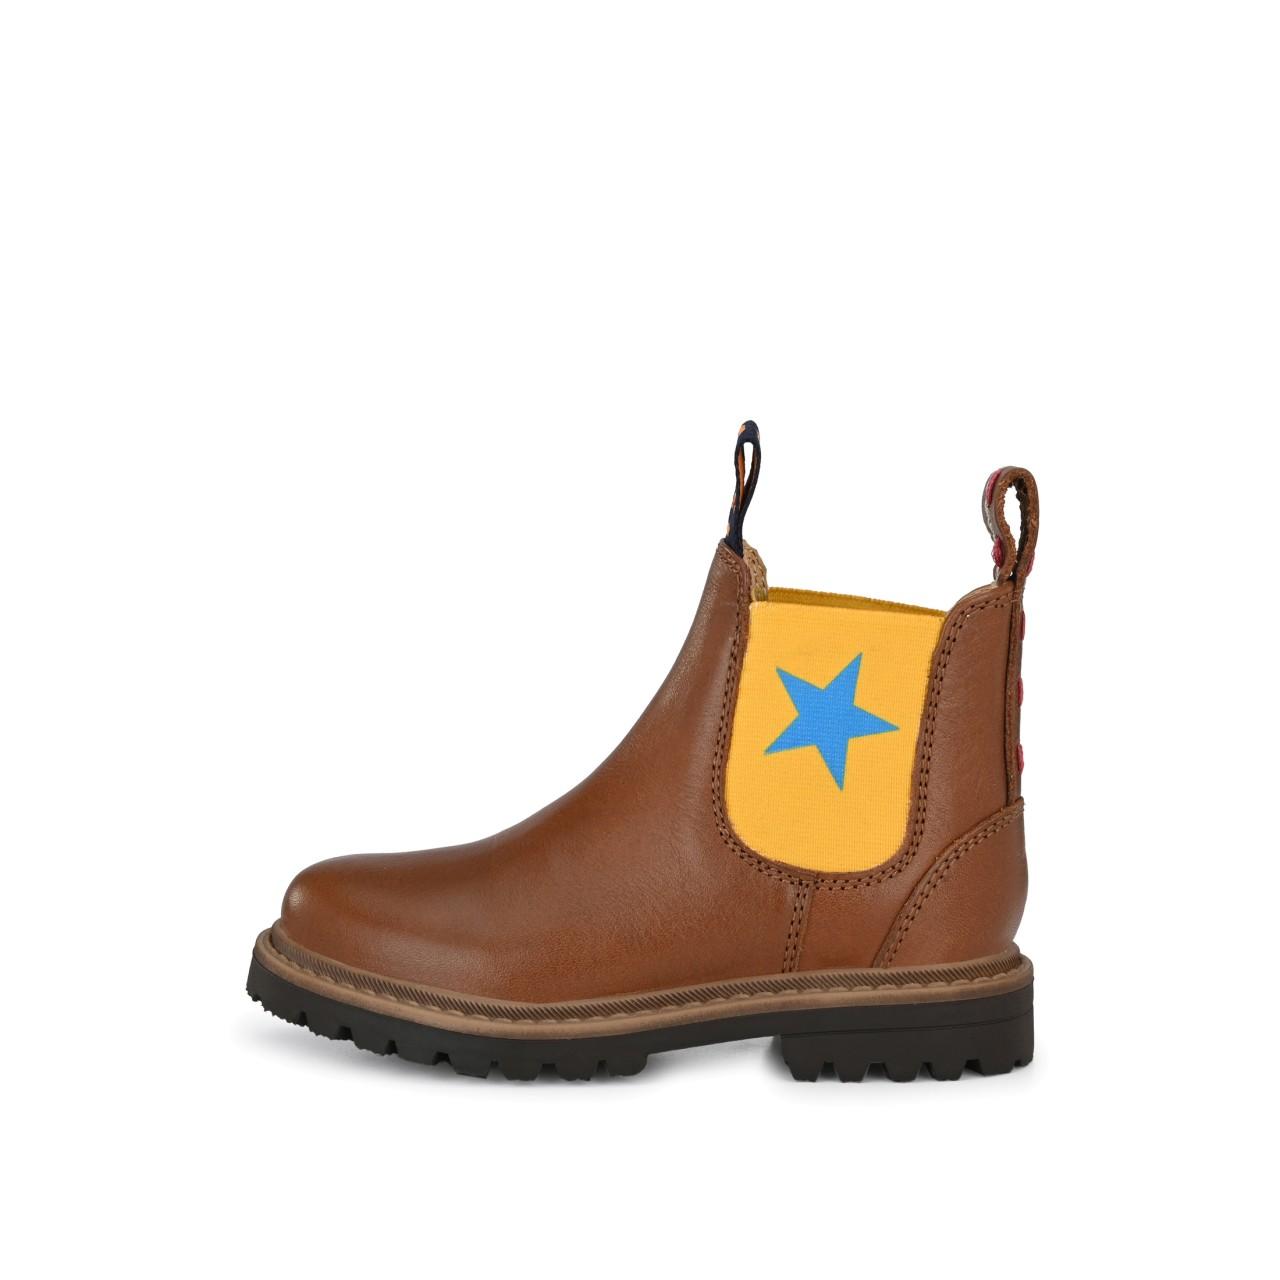 RILEY Cognac mit Gelb und großem blauen Stern